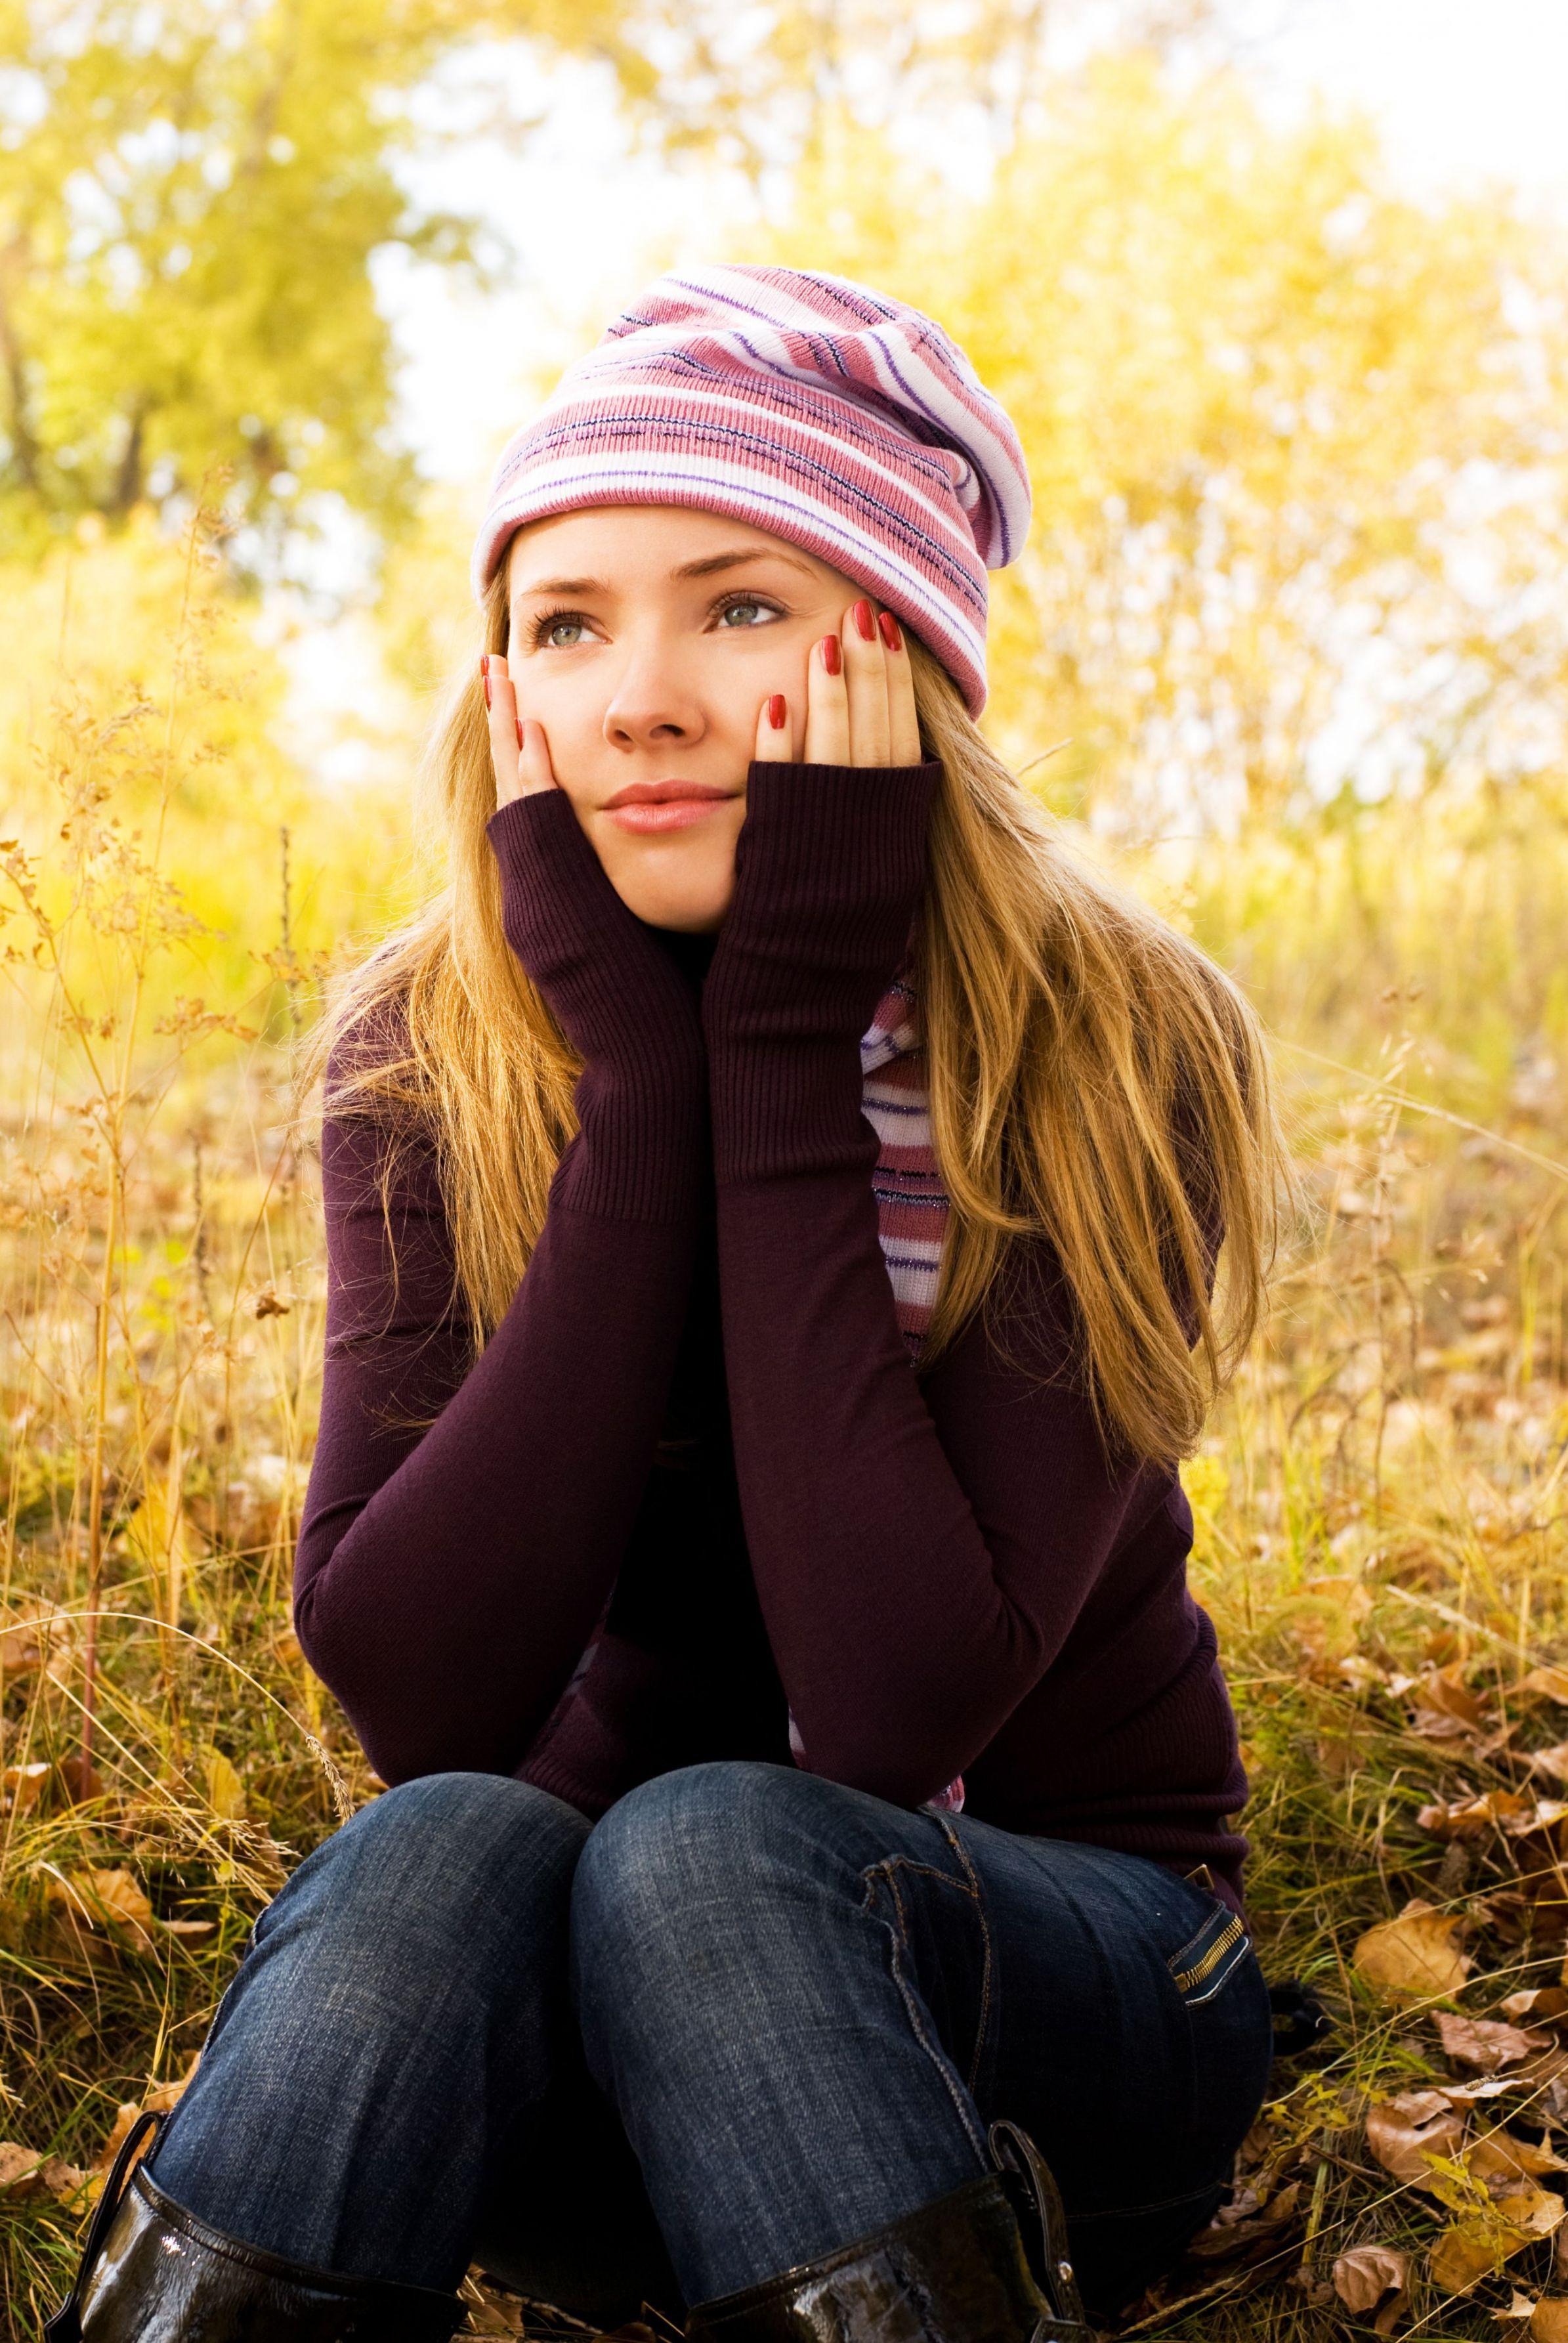 9 πράγματα που δεν πρέπει να αλλάξετε για κανέναν…